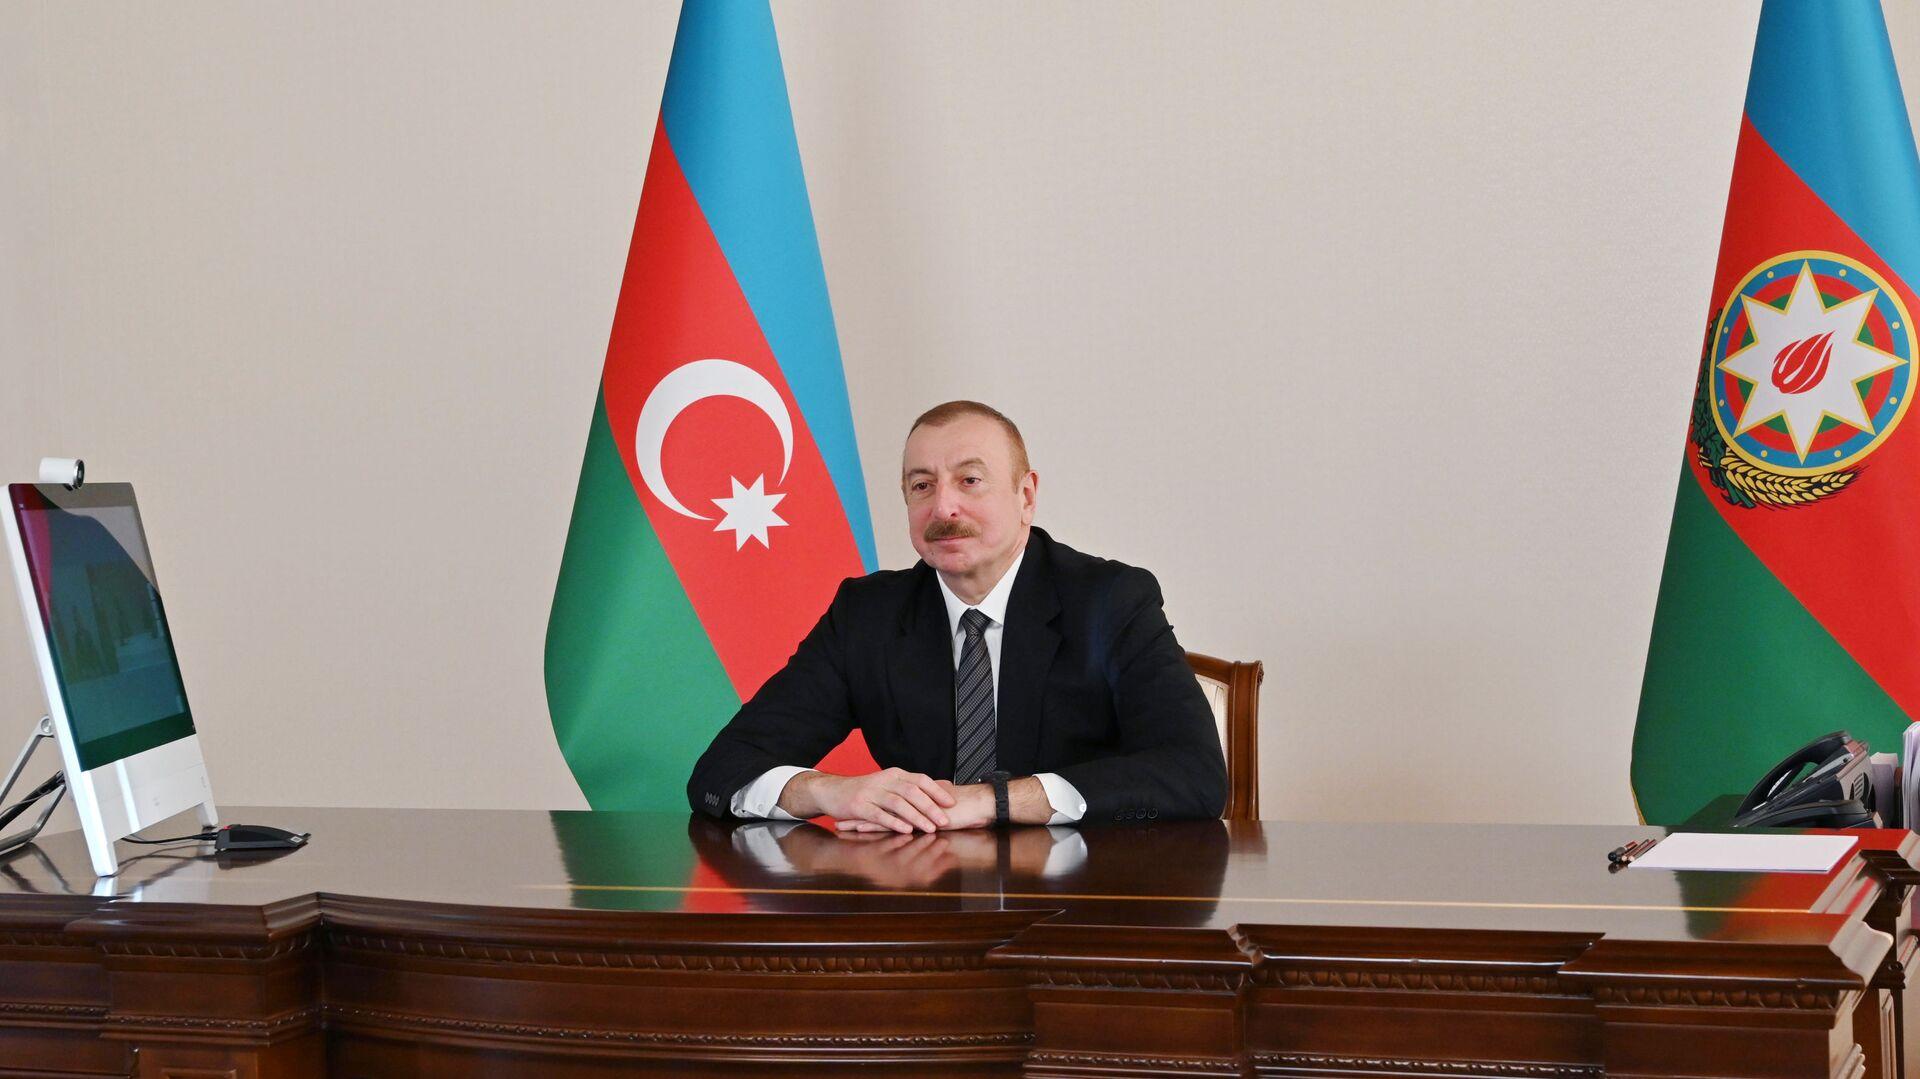 Президент Ильхам Алиев выступил на онлайн Саммите Организации экономического сотрудничества - Sputnik Azərbaycan, 1920, 23.09.2021